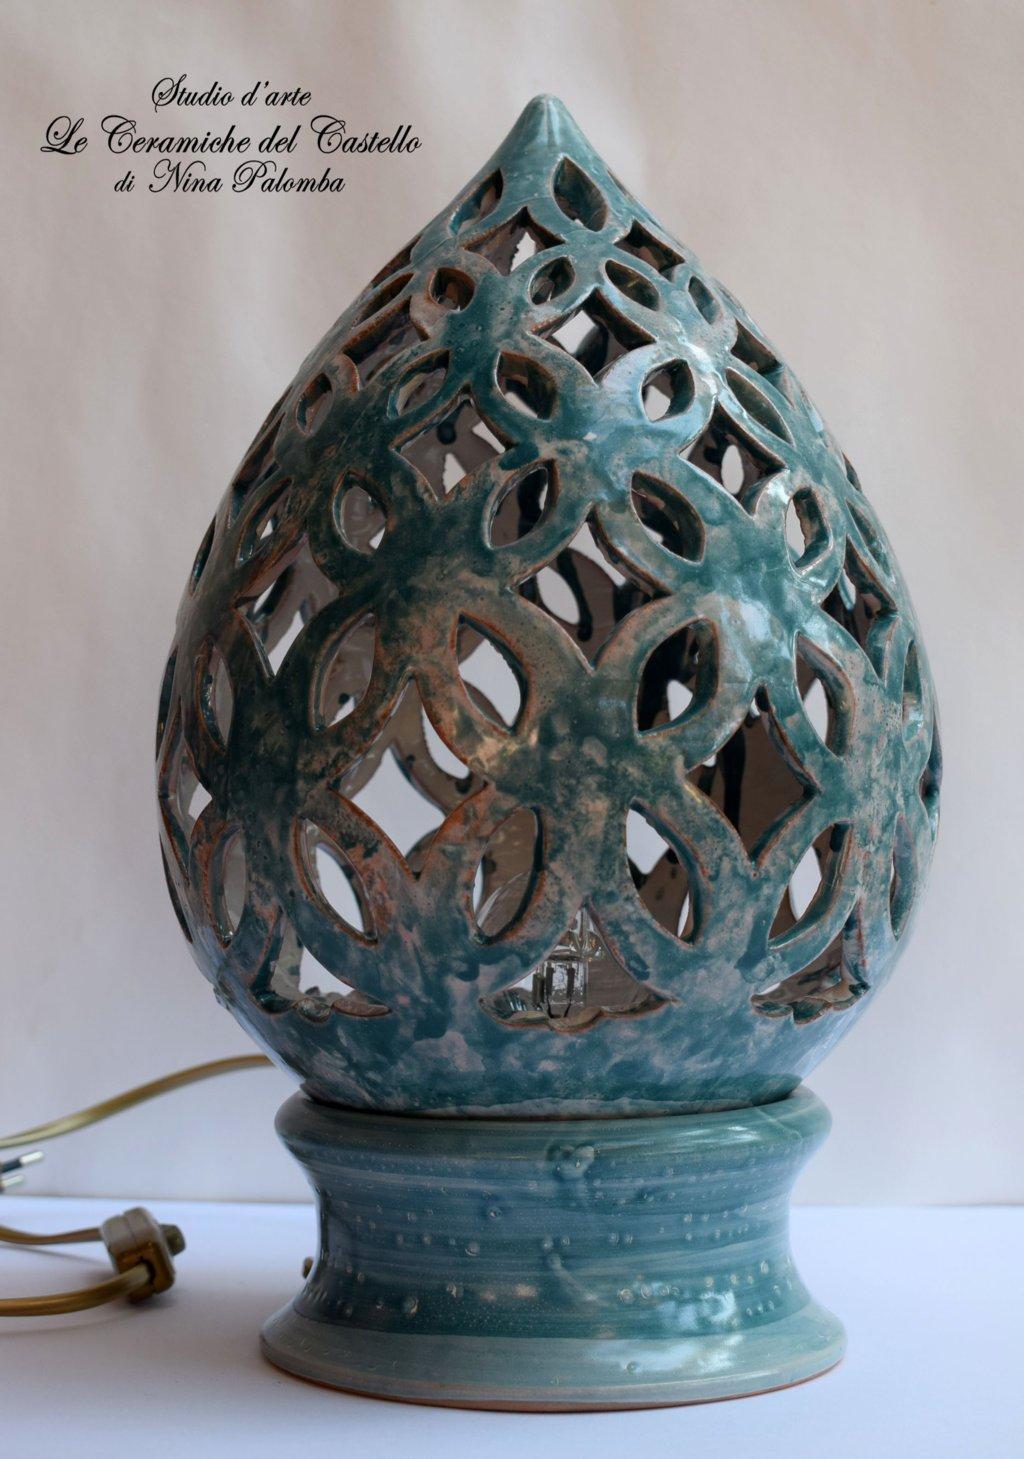 Lampada da tavolo comodino Traforata Turchese Handmade Le Ceramiche del Castello Made in Italy